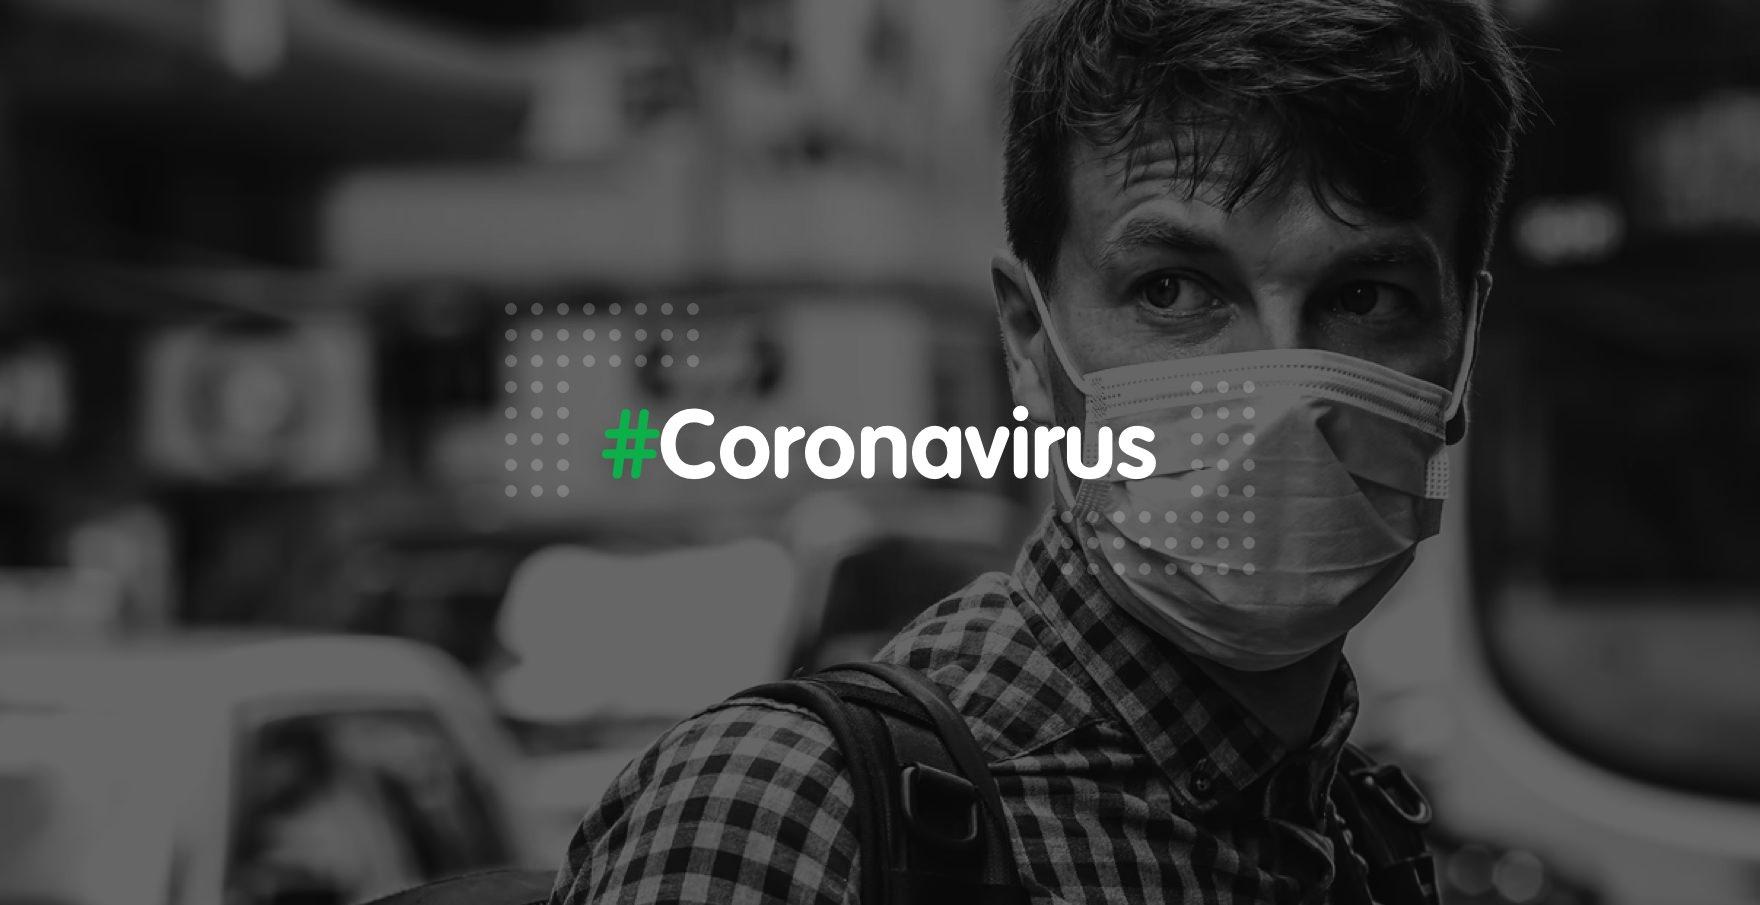 De impact van het coronavirus op de beurs